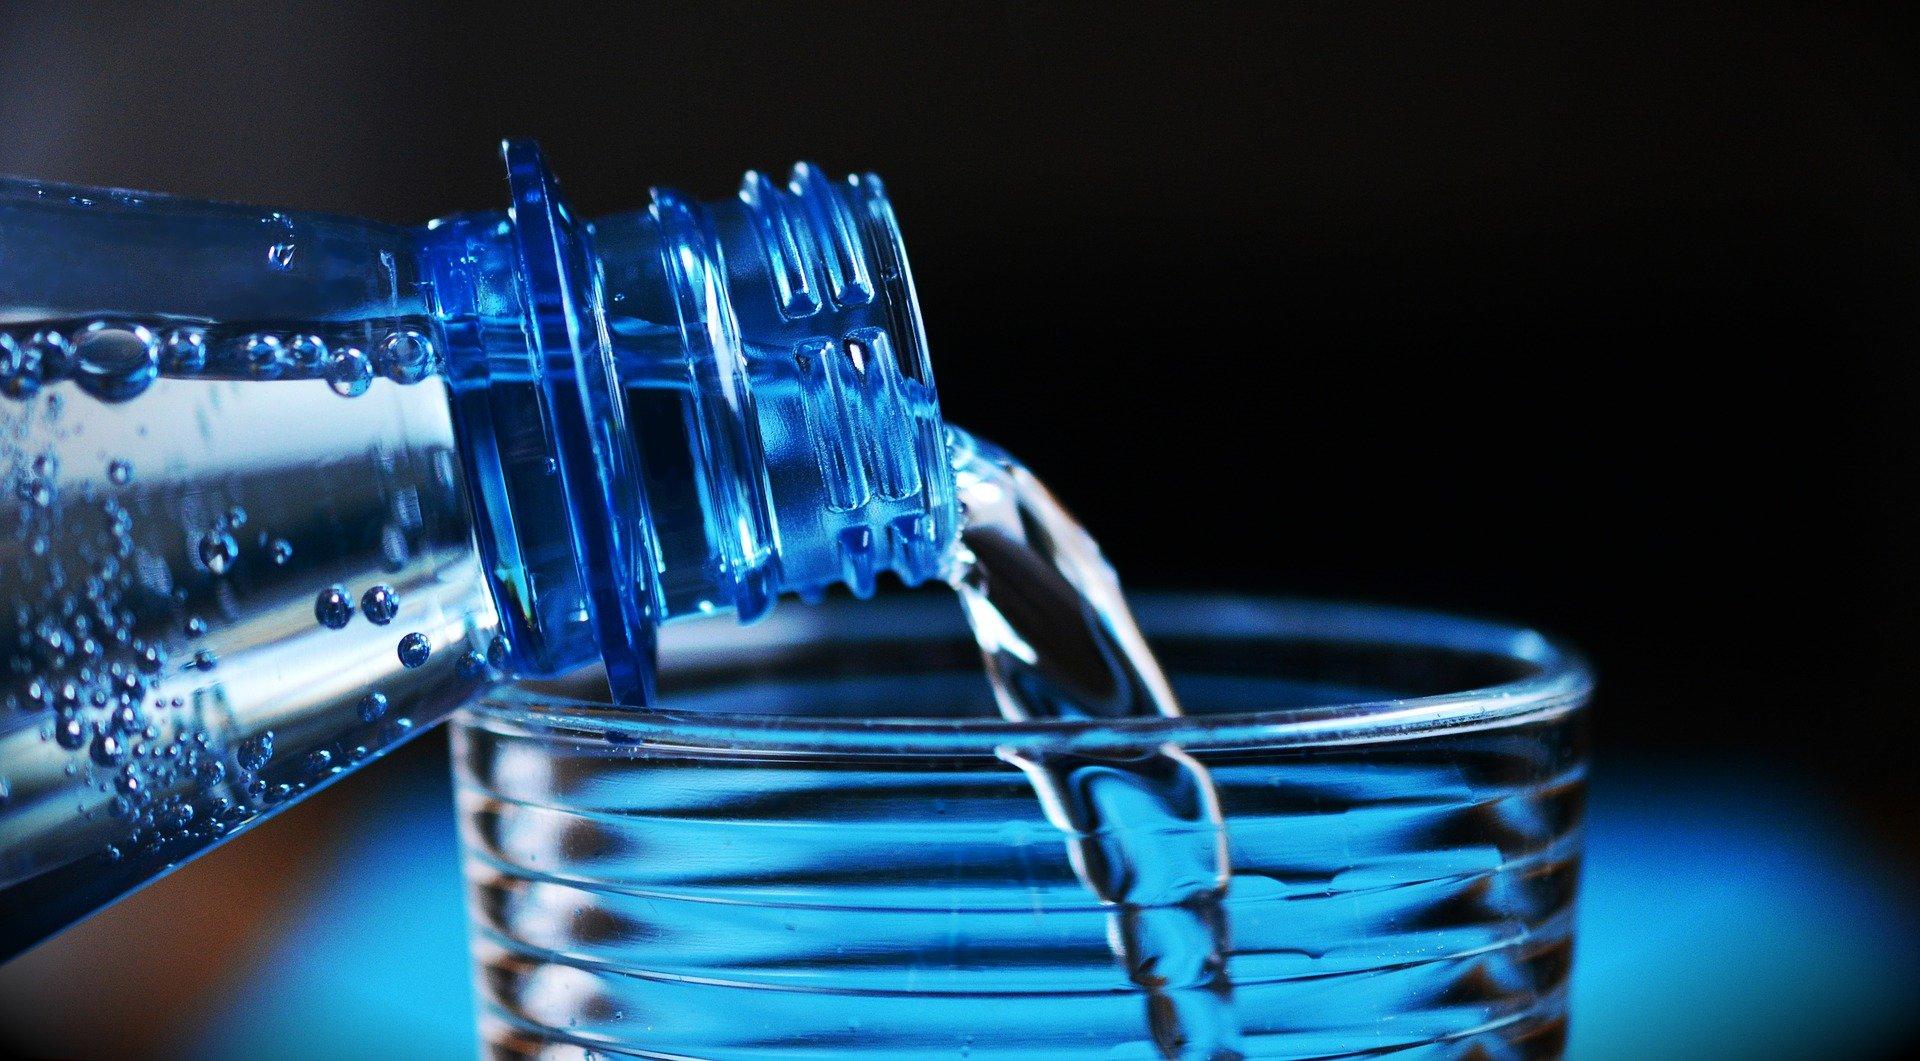 Les risques des phtalates sur la santé